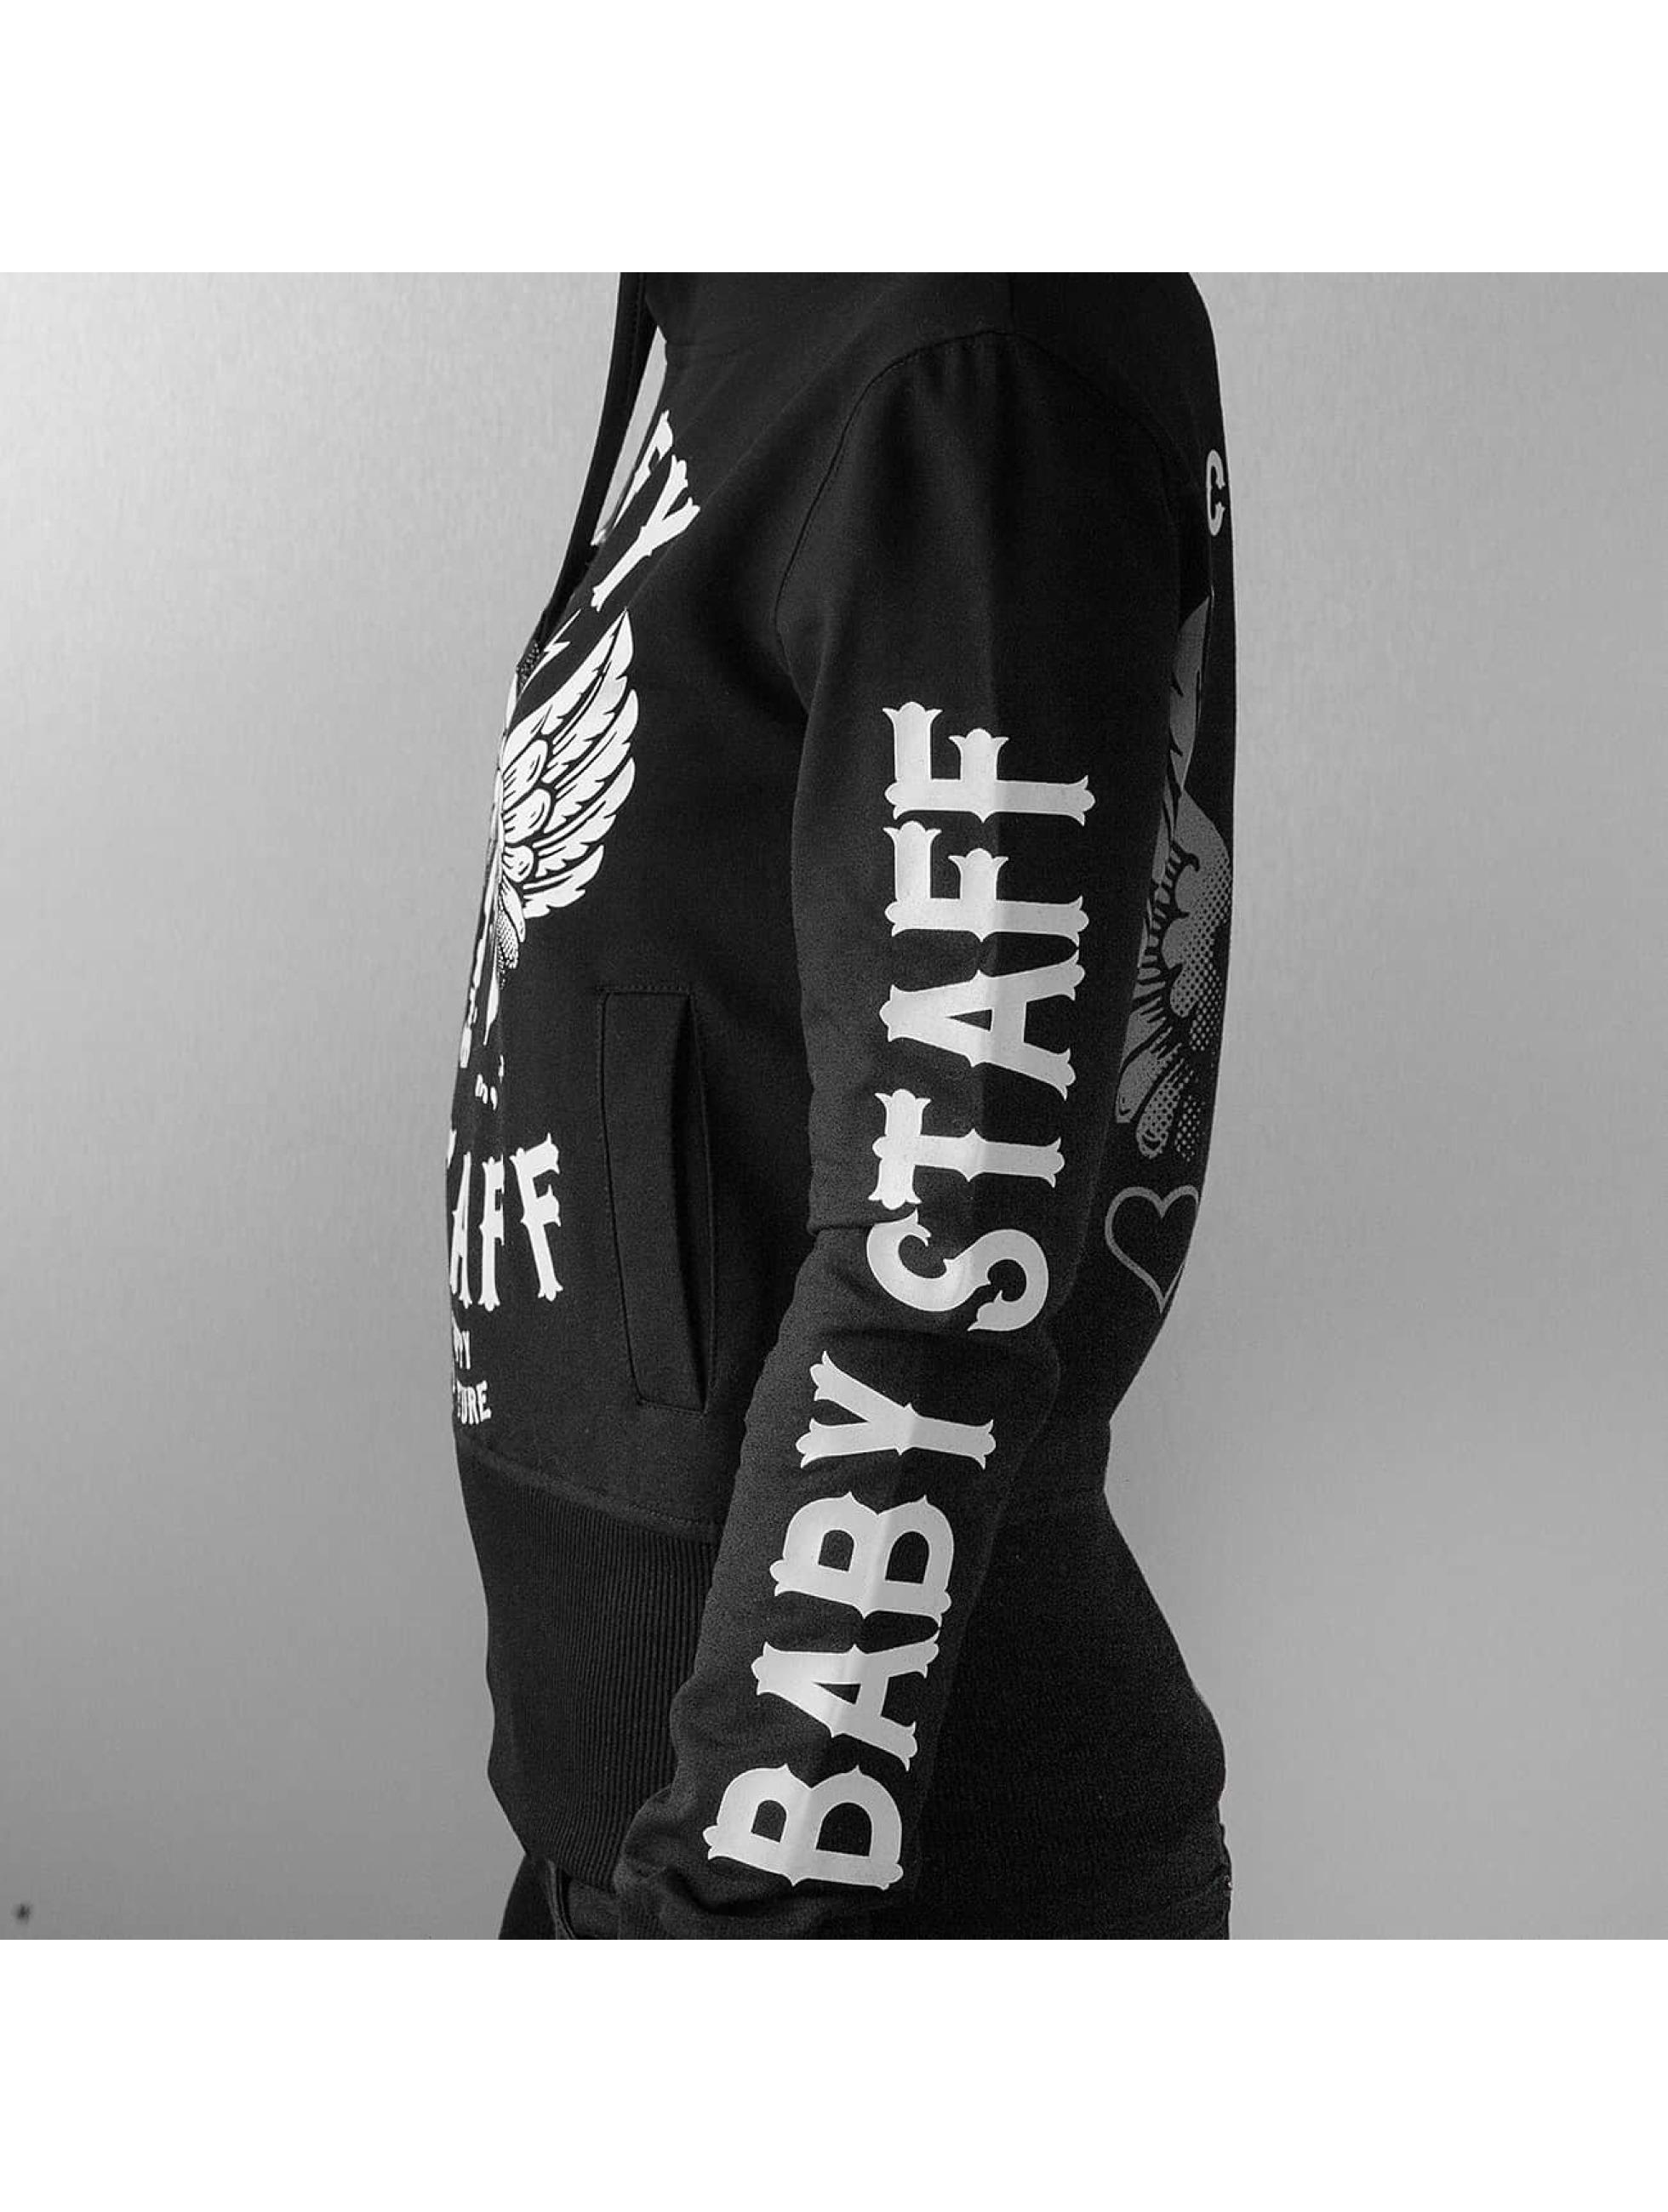 Babystaff Hoodie Helos black